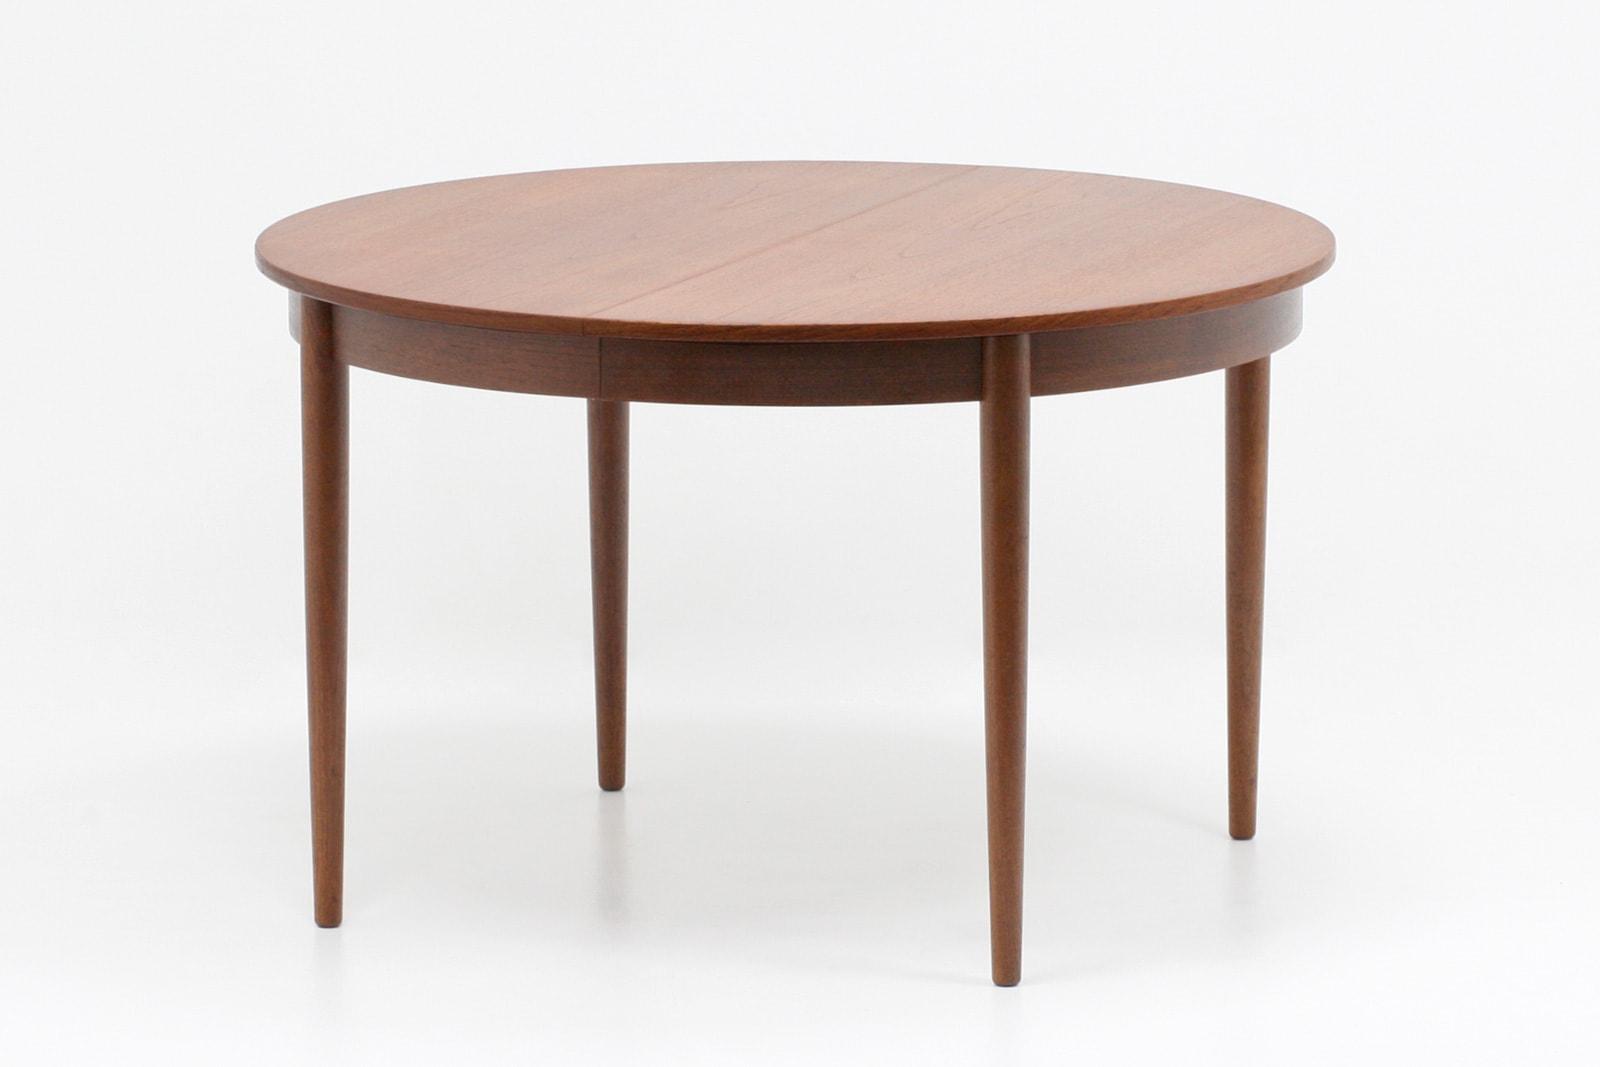 デンマーク,家具,ダイニングテーブル,円形,ヴィンテージ